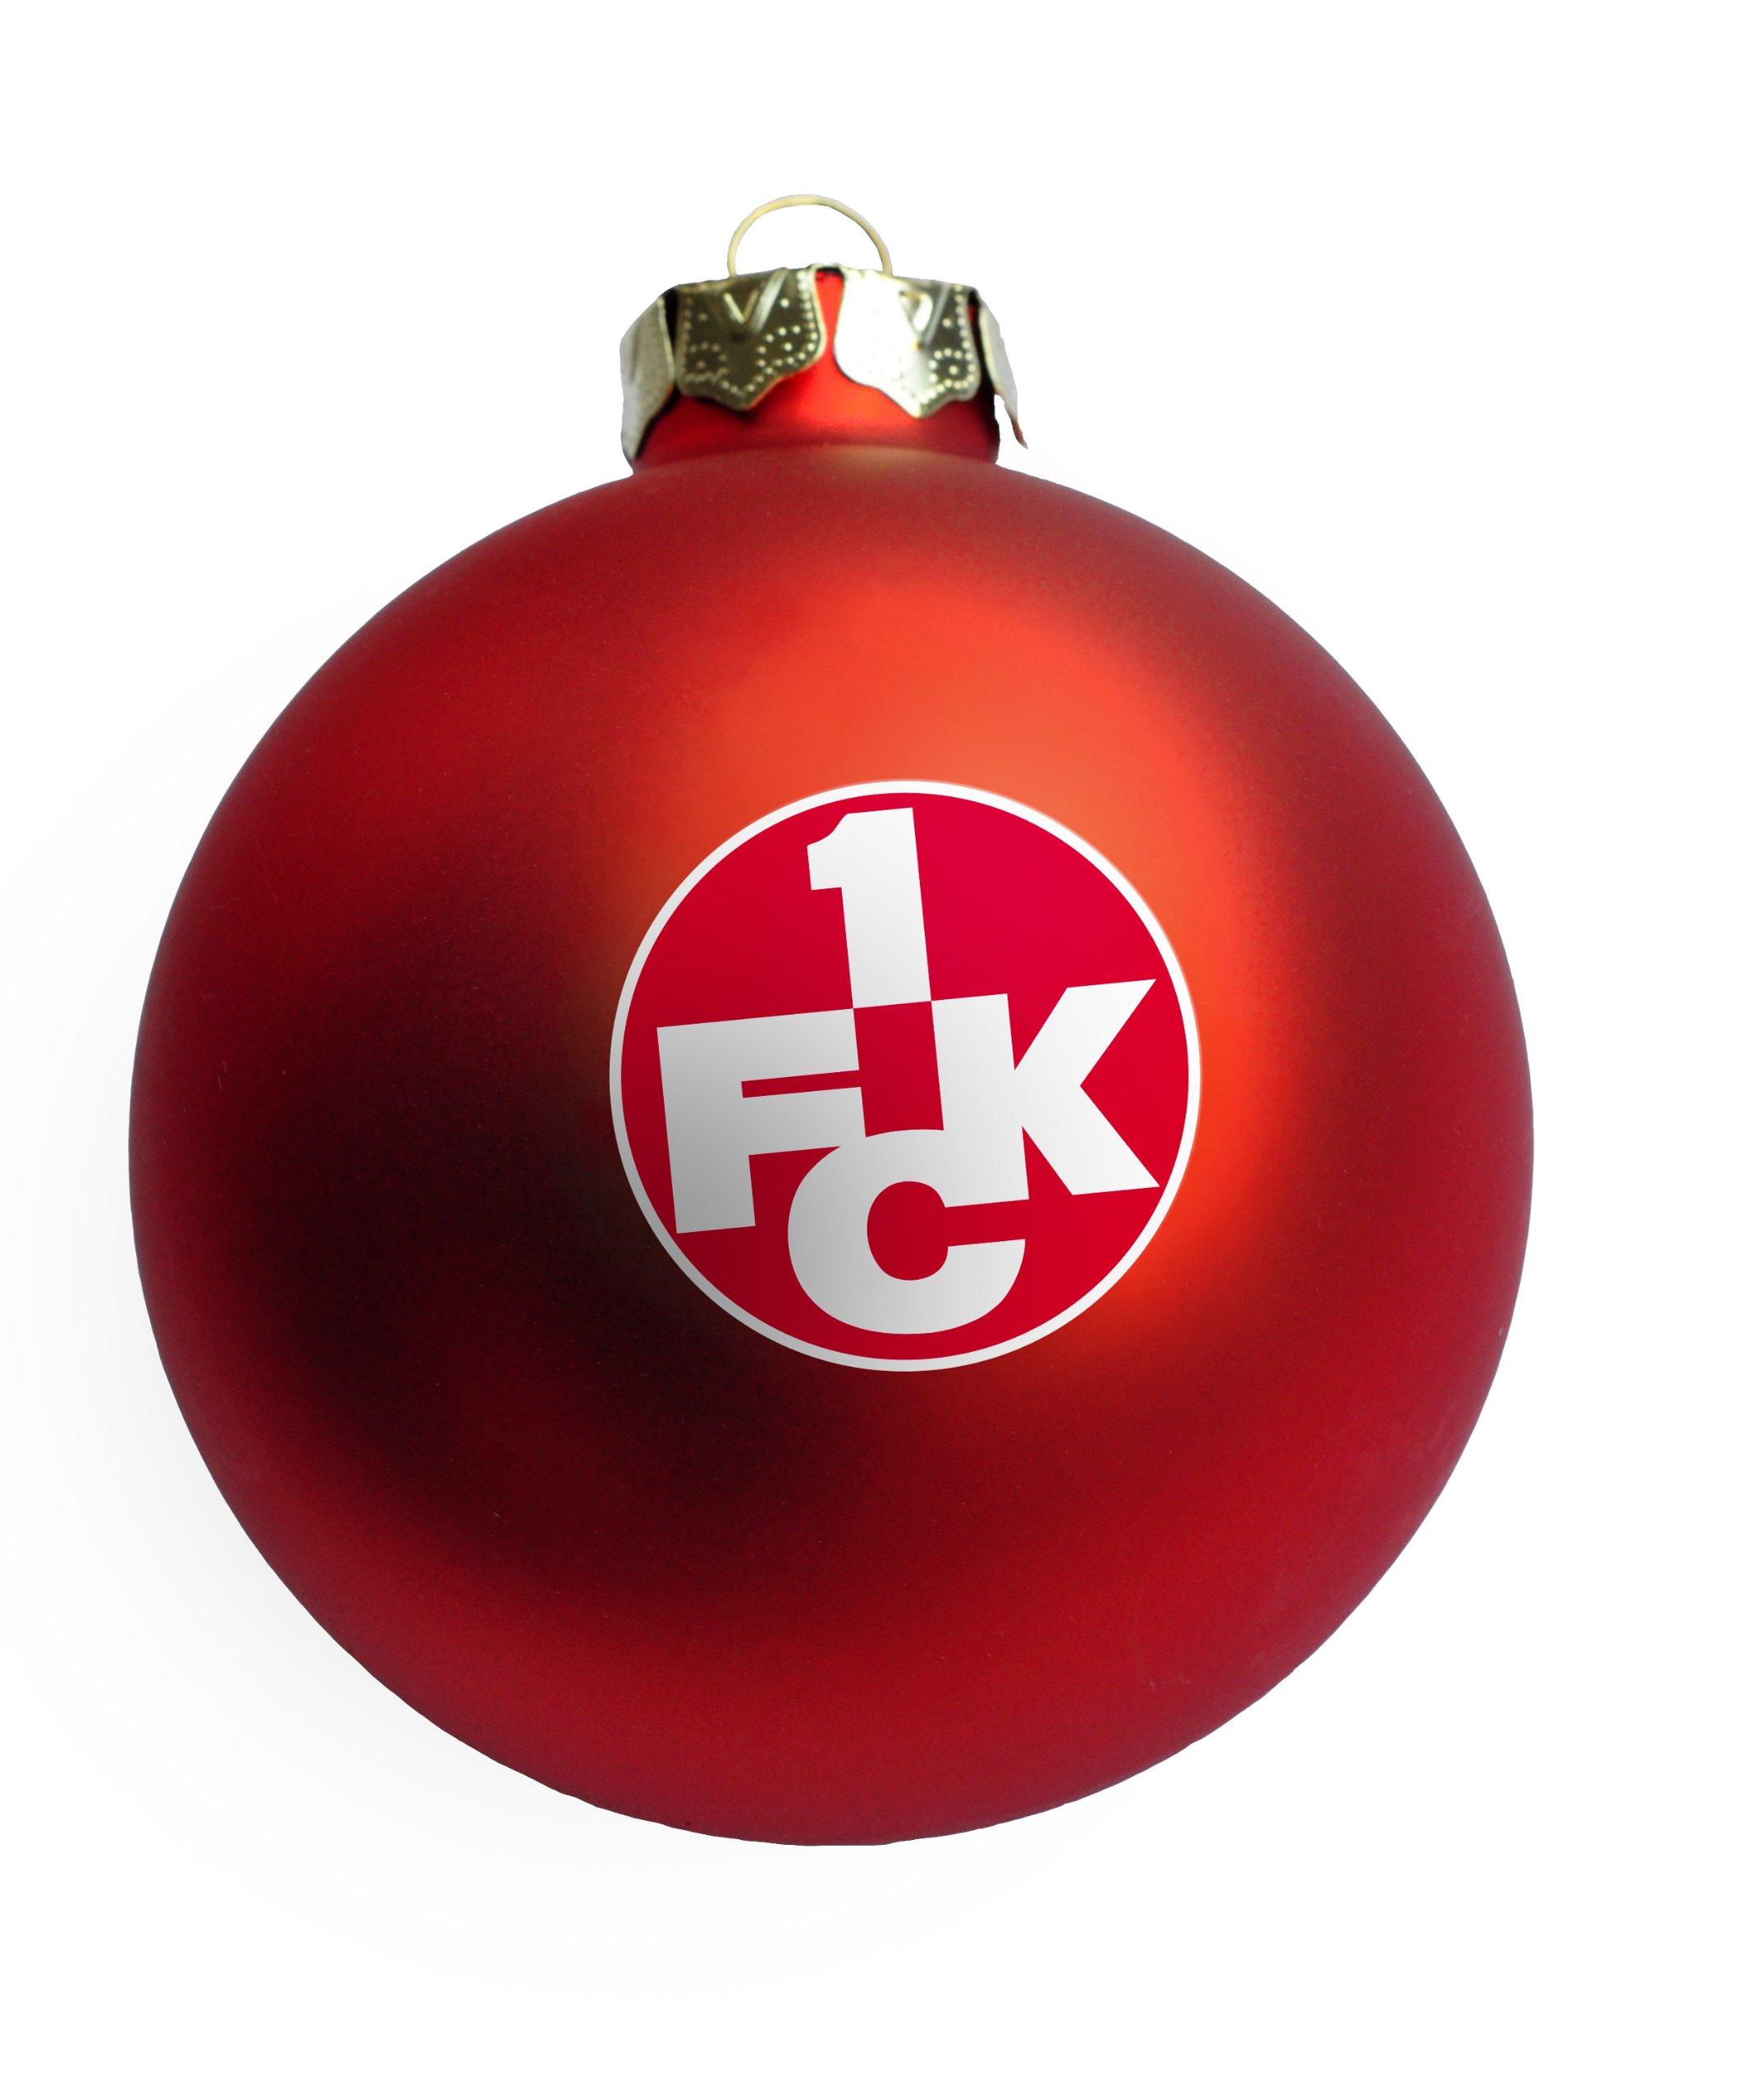 Brauns 1. FC Kaiserslautern Weihnachtskugeln Logo 4er-Set, rot, 18084